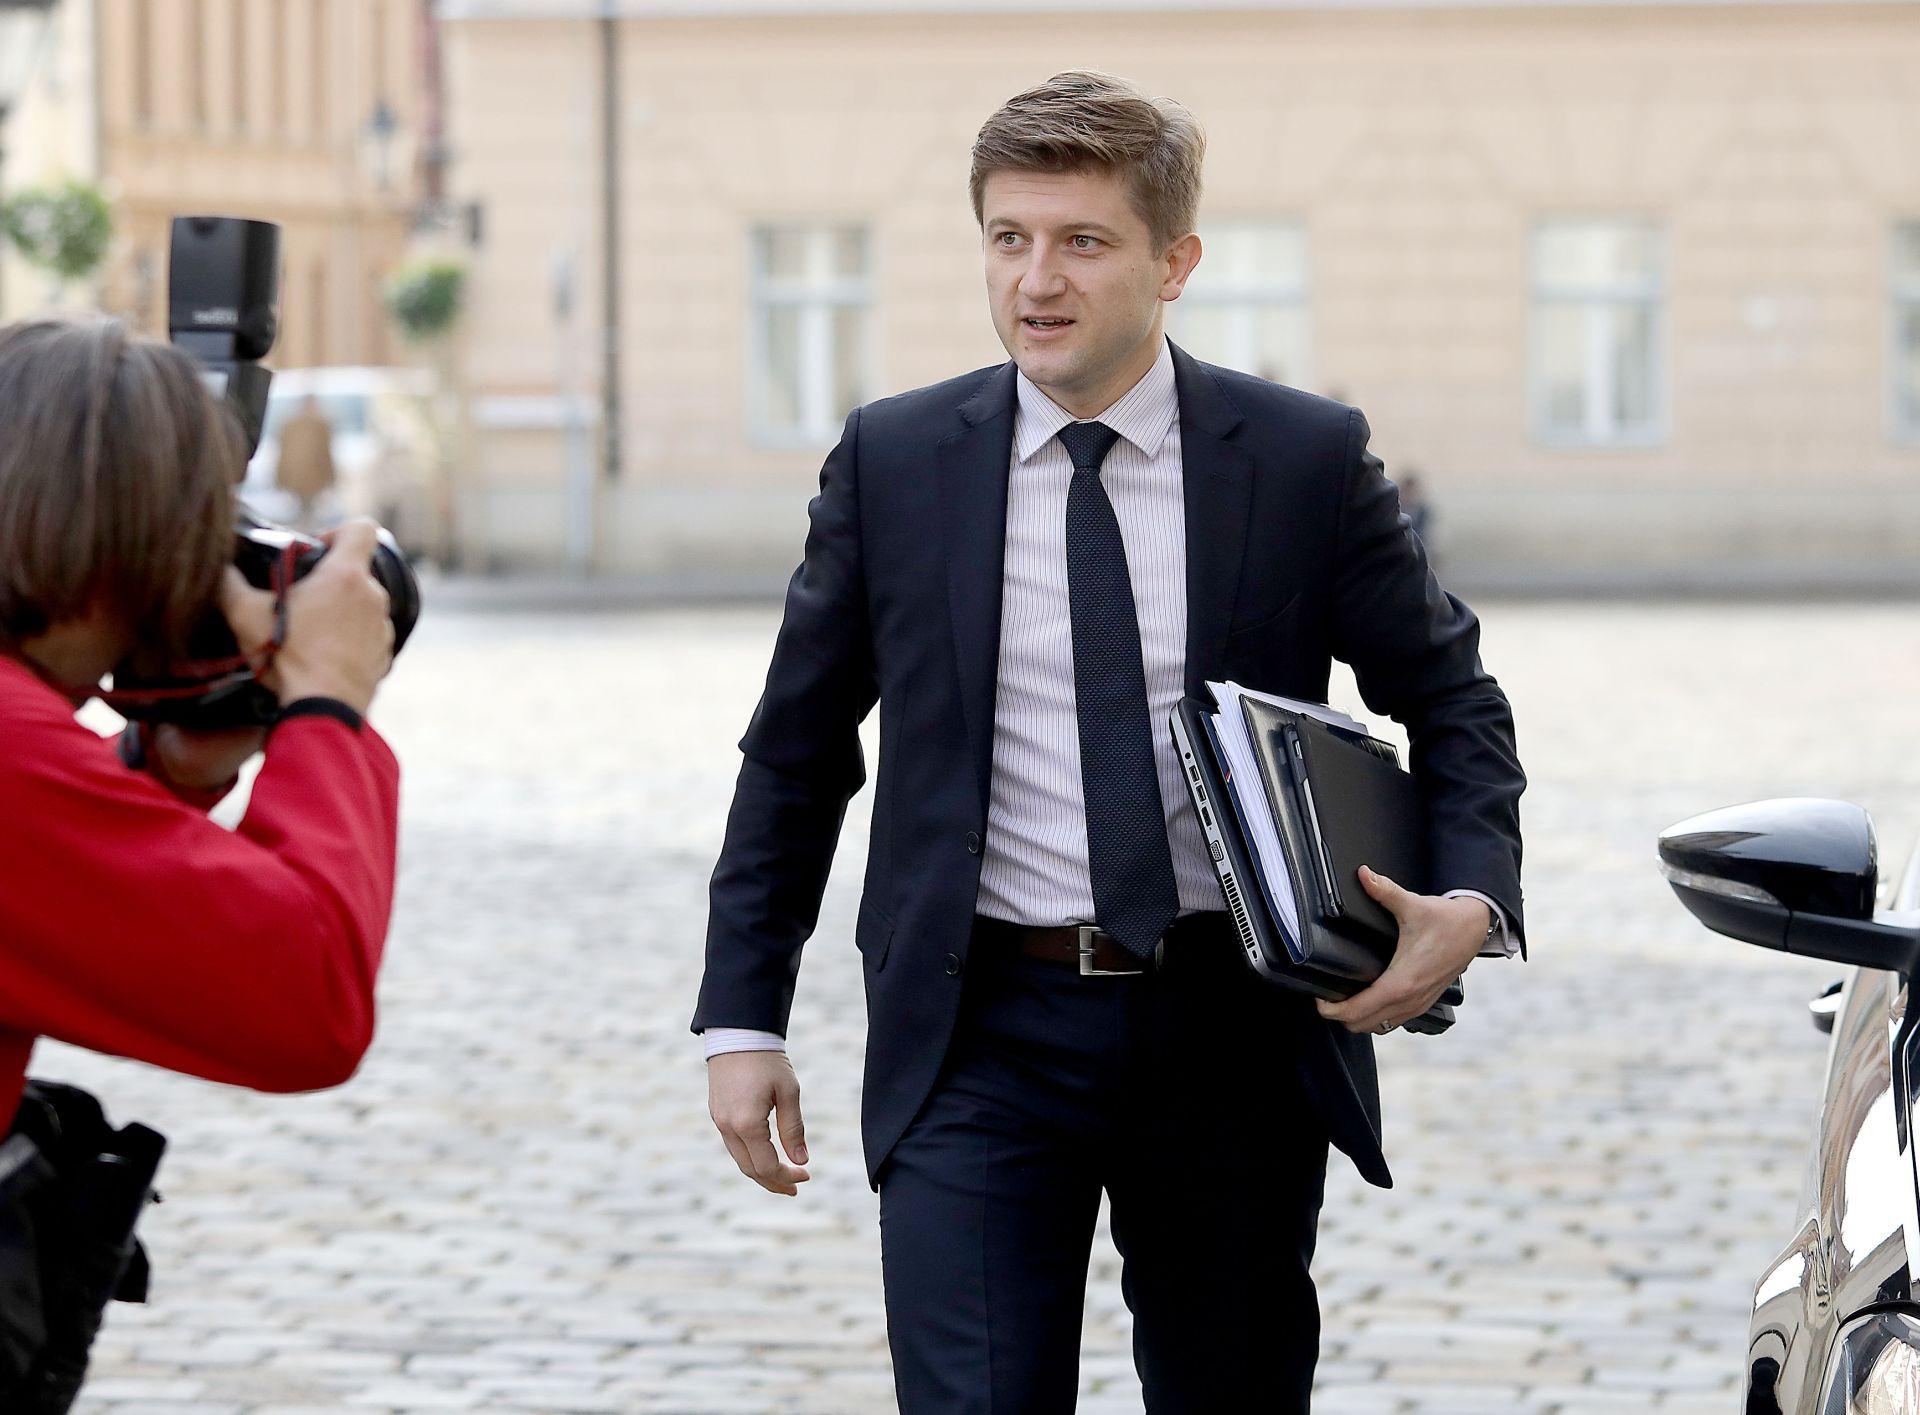 RAST BDP-a Marić: 'Gospodarstvu krenulo bolje od očekivanja'